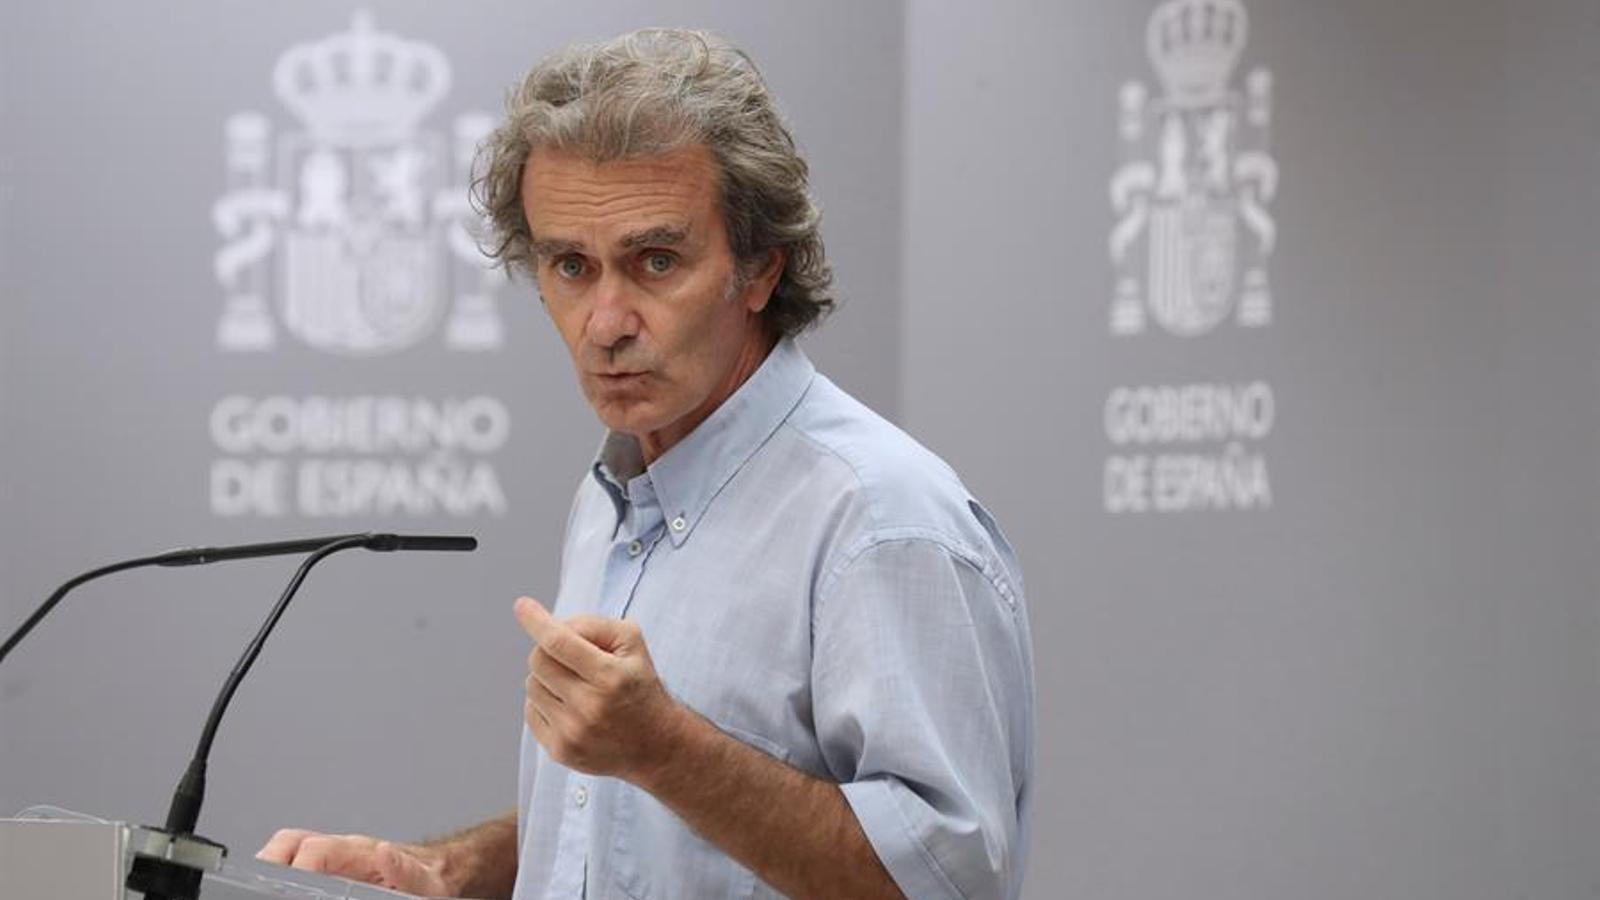 Roda de premsa del director del Centre de Coordinació d'Alertes i Emergències Sanitàries, Fernando Simón